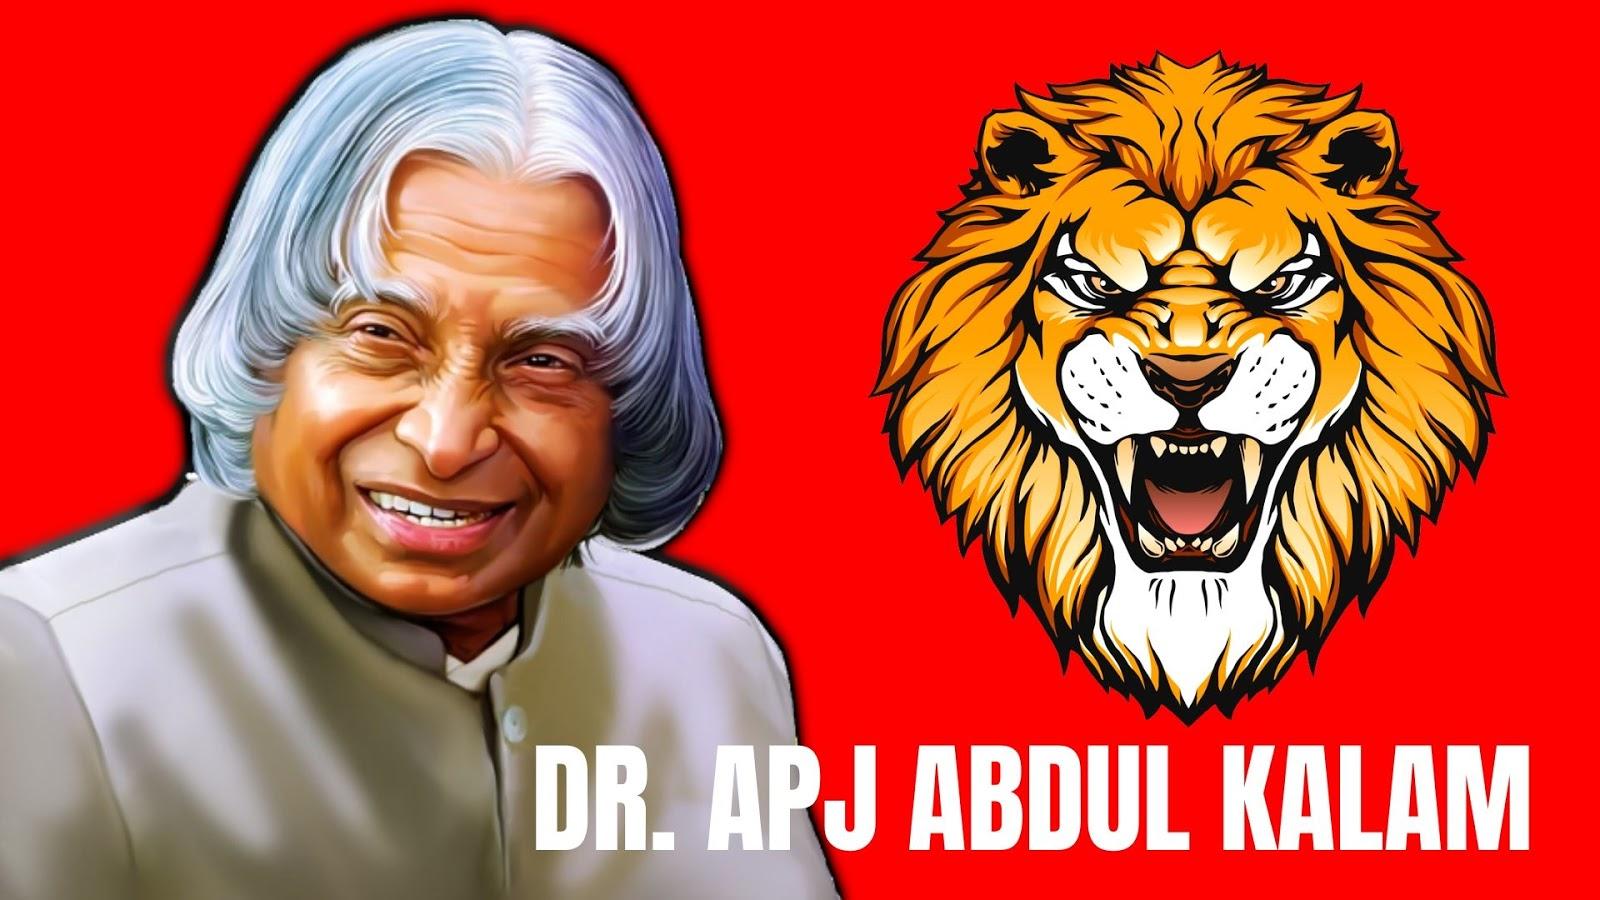 Apj Abdul Kalam Wallpaper